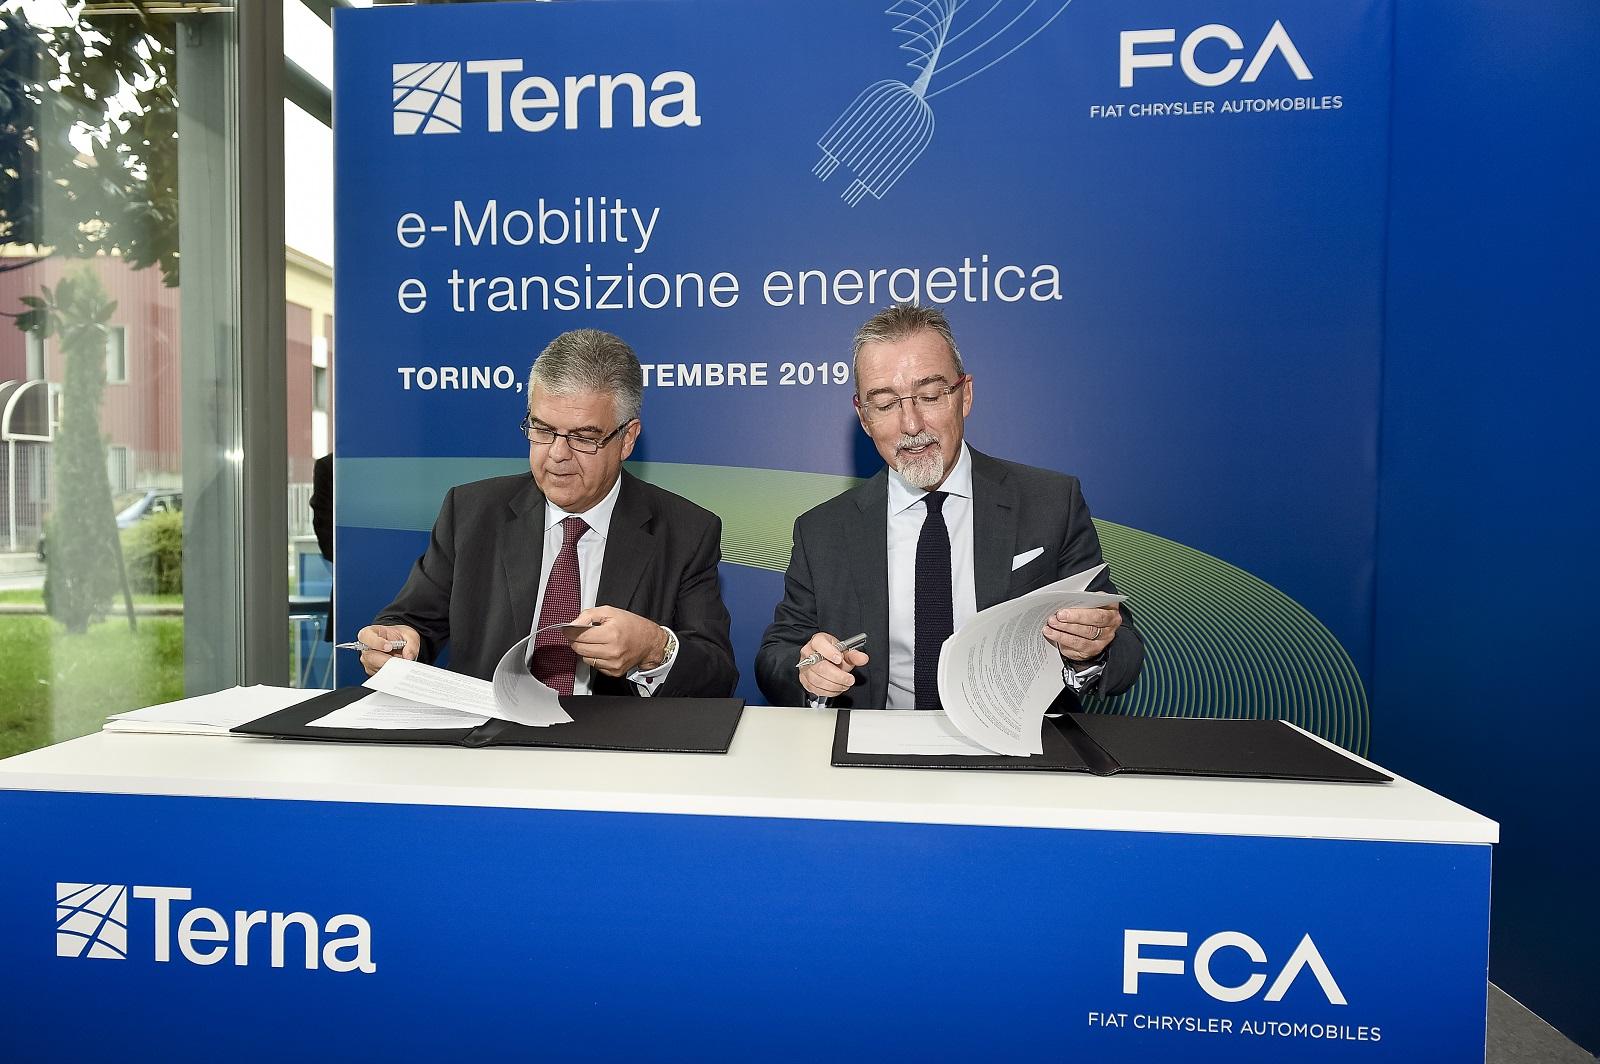 FCA Terna